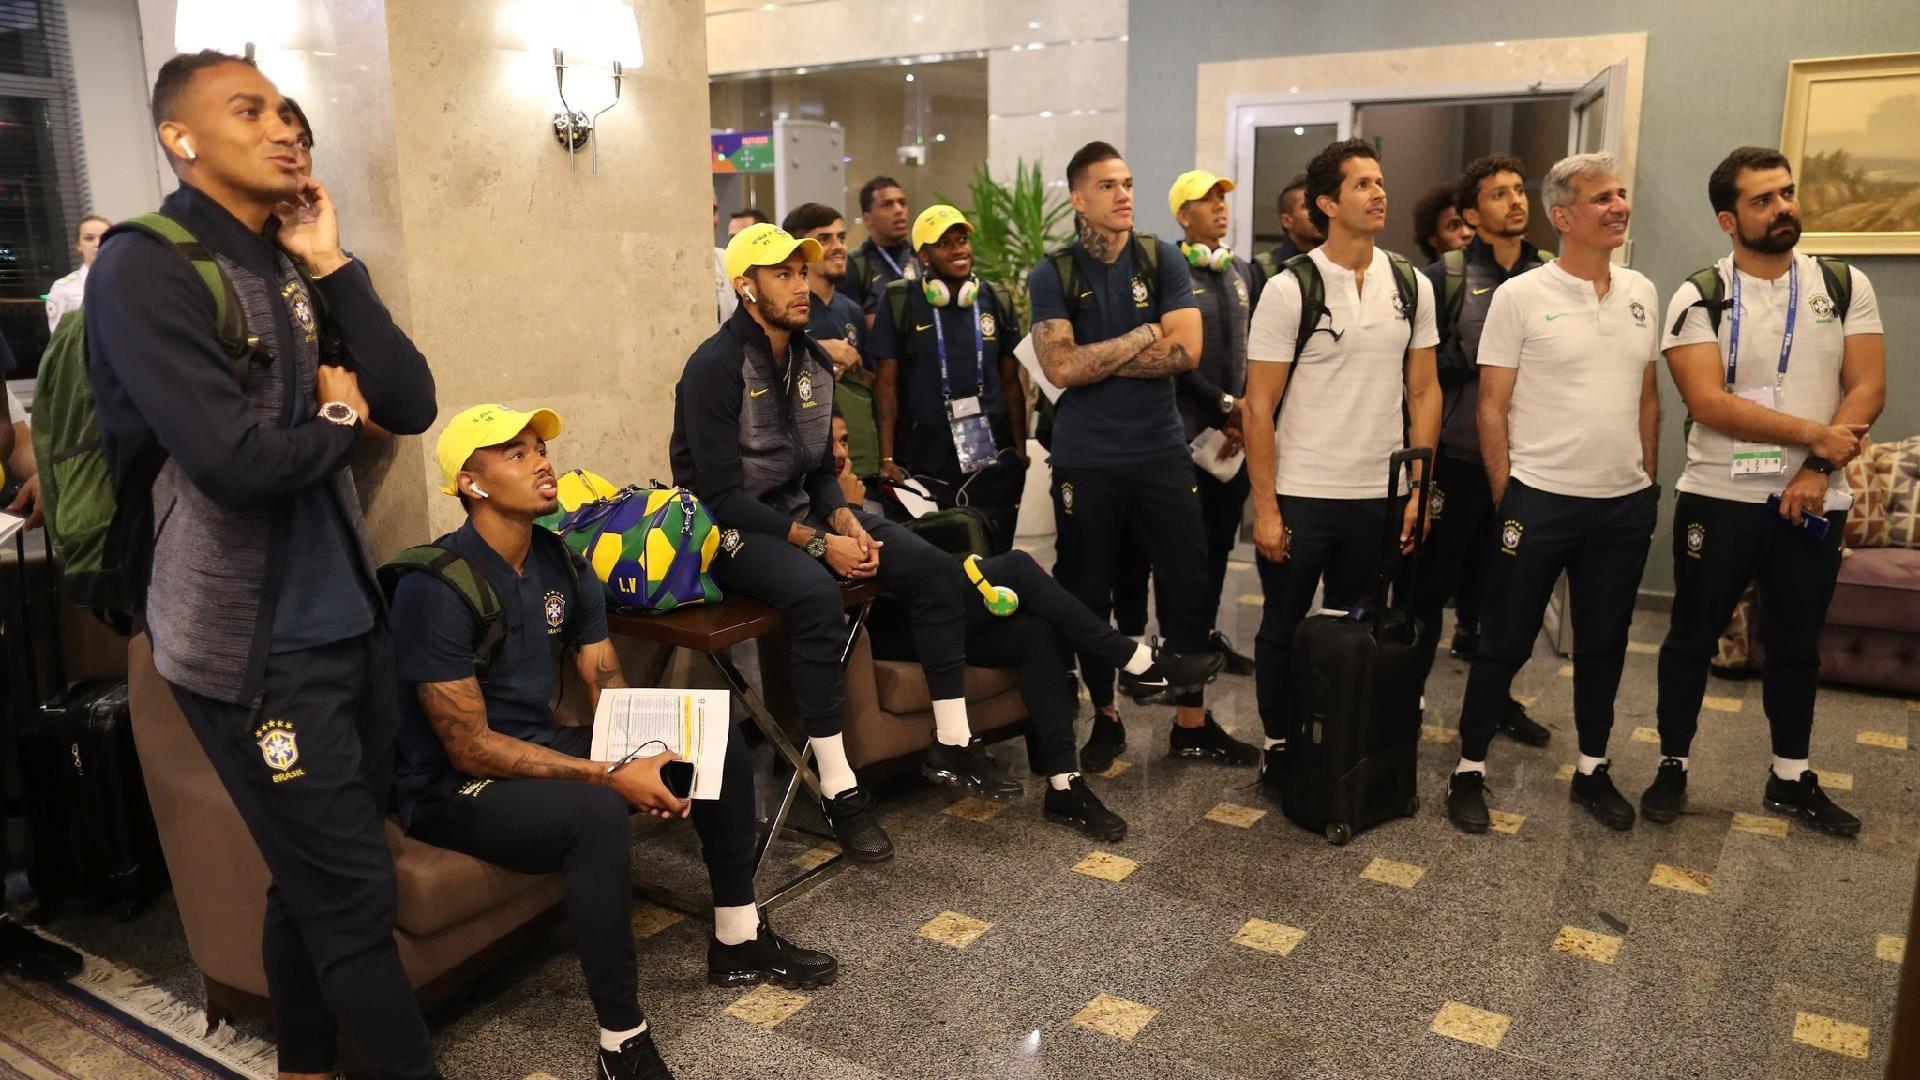 Seleção brasileira vê Espanha x Portugal em saguão de hotel em Rostov-on-Don